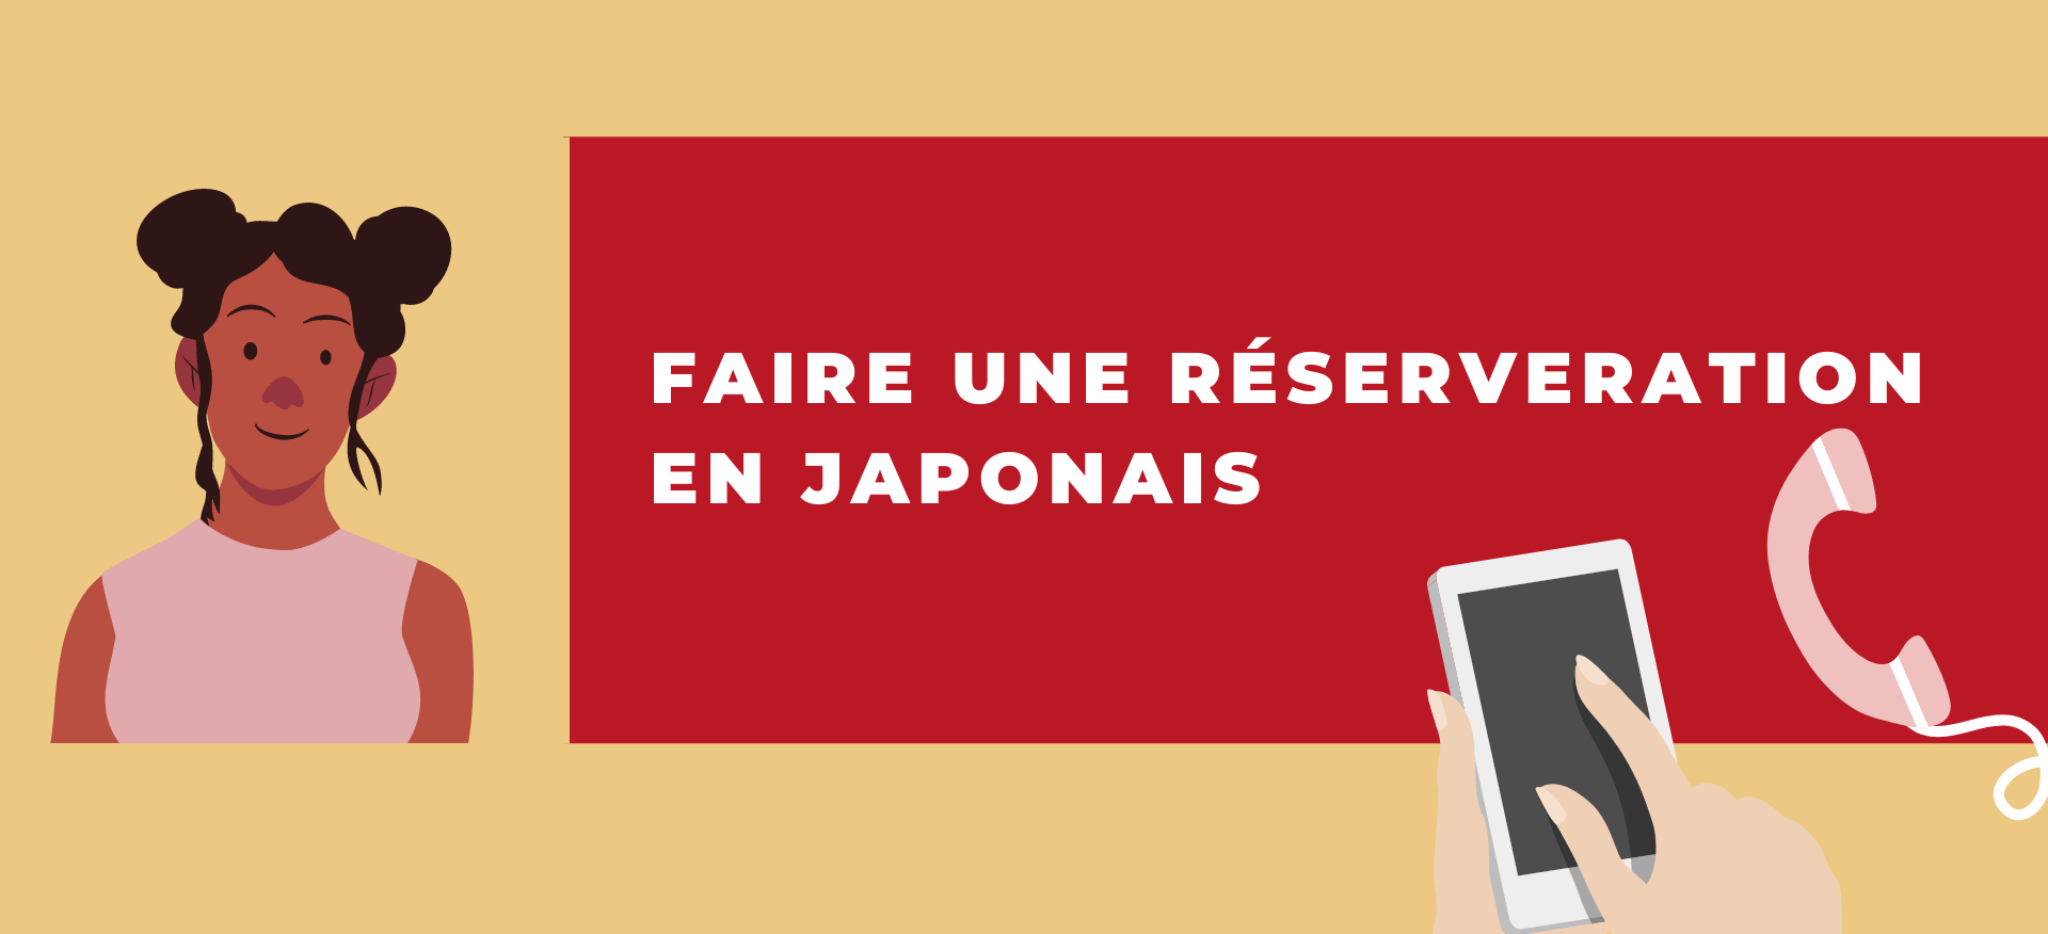 prendre un rendez-vous en japonais